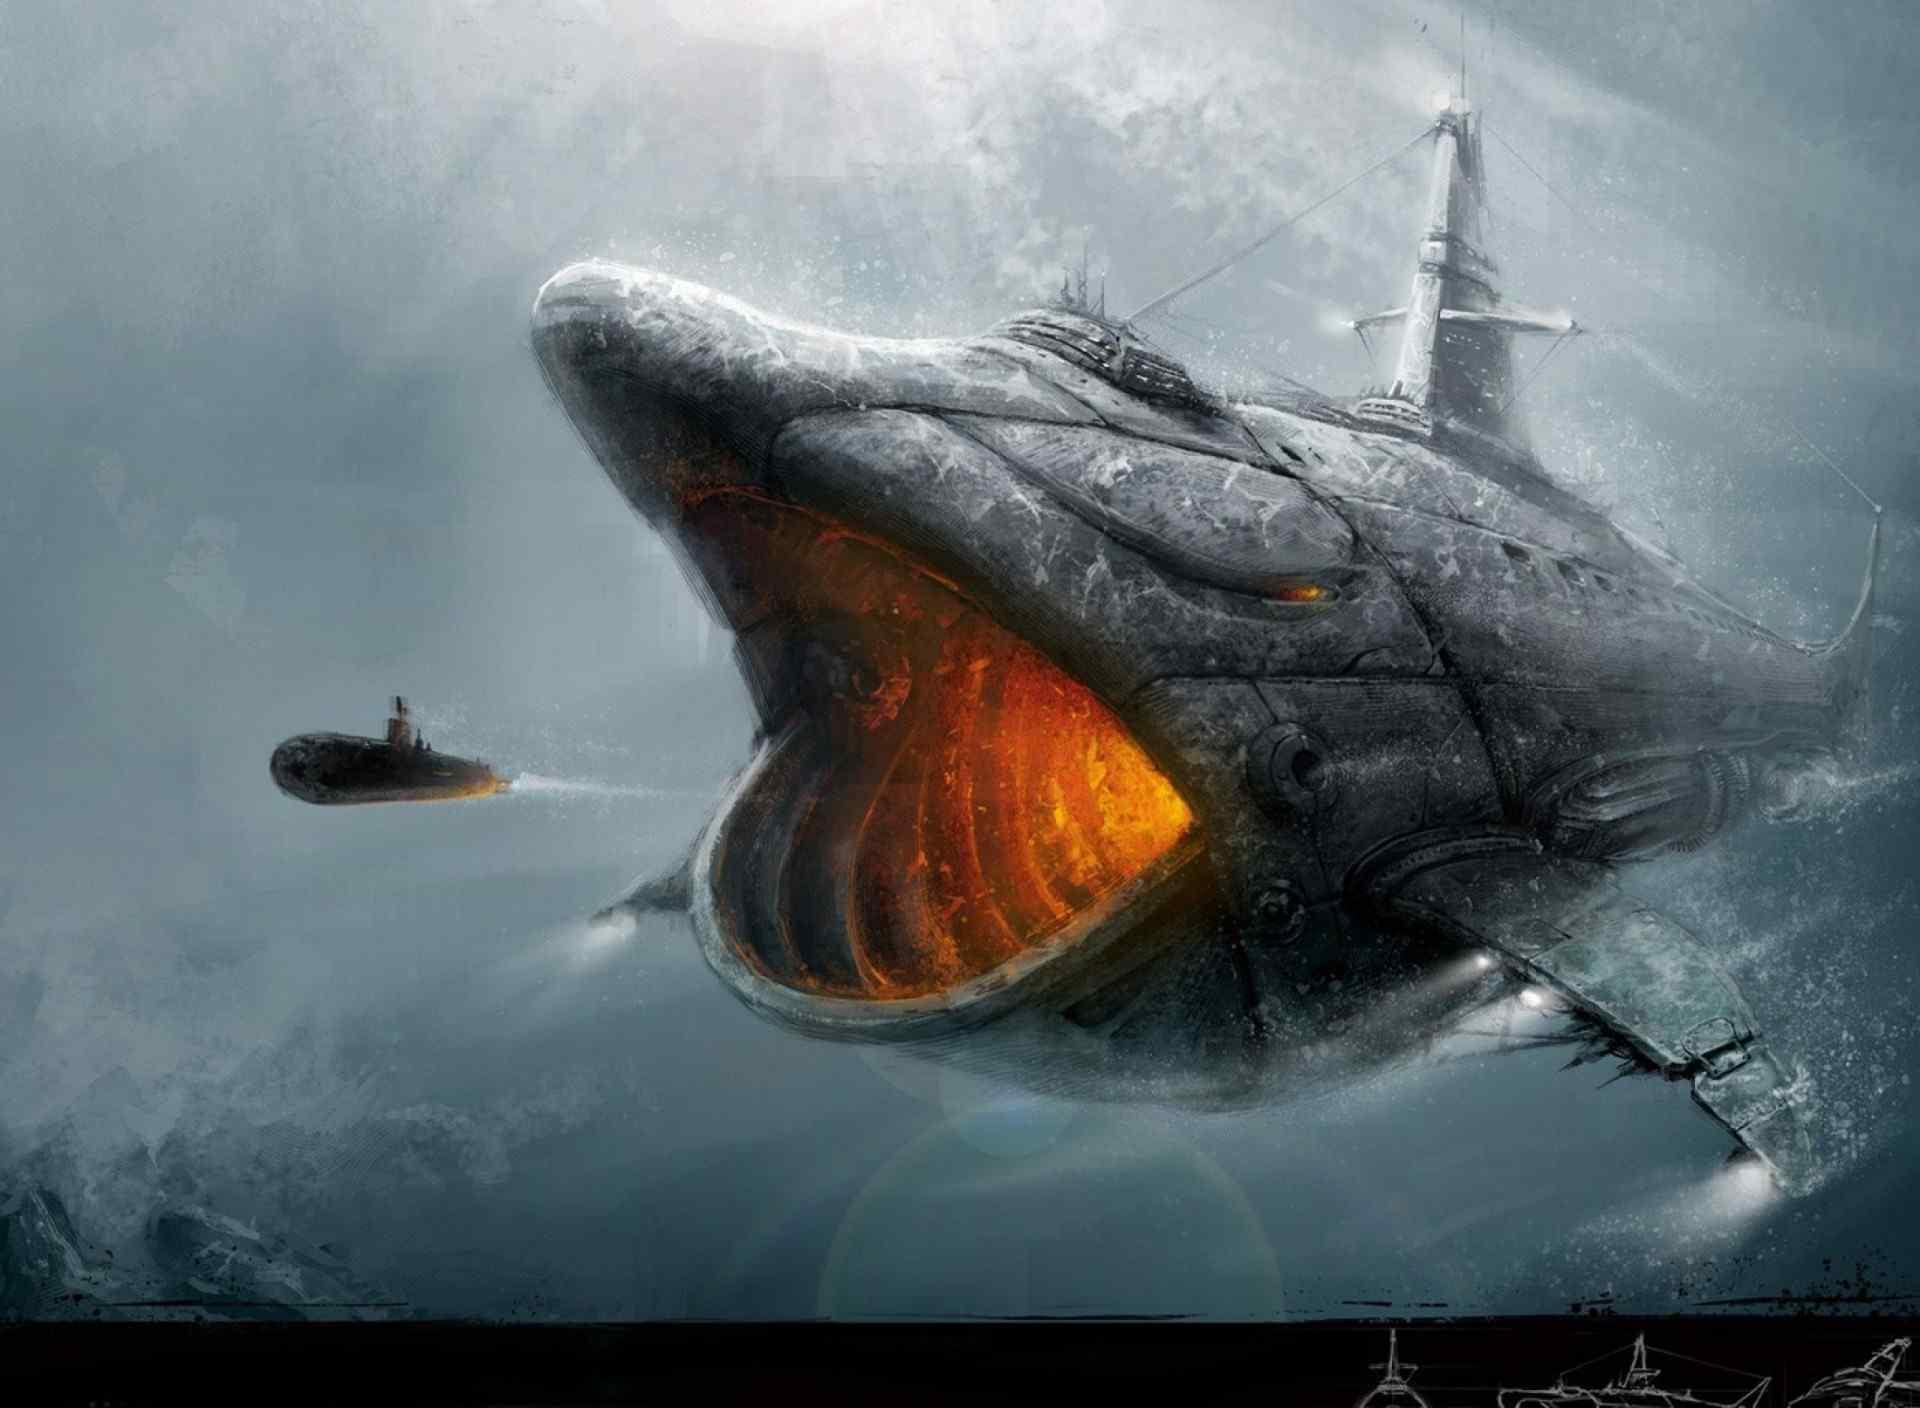 大型机械巨鲨高清桌面壁纸